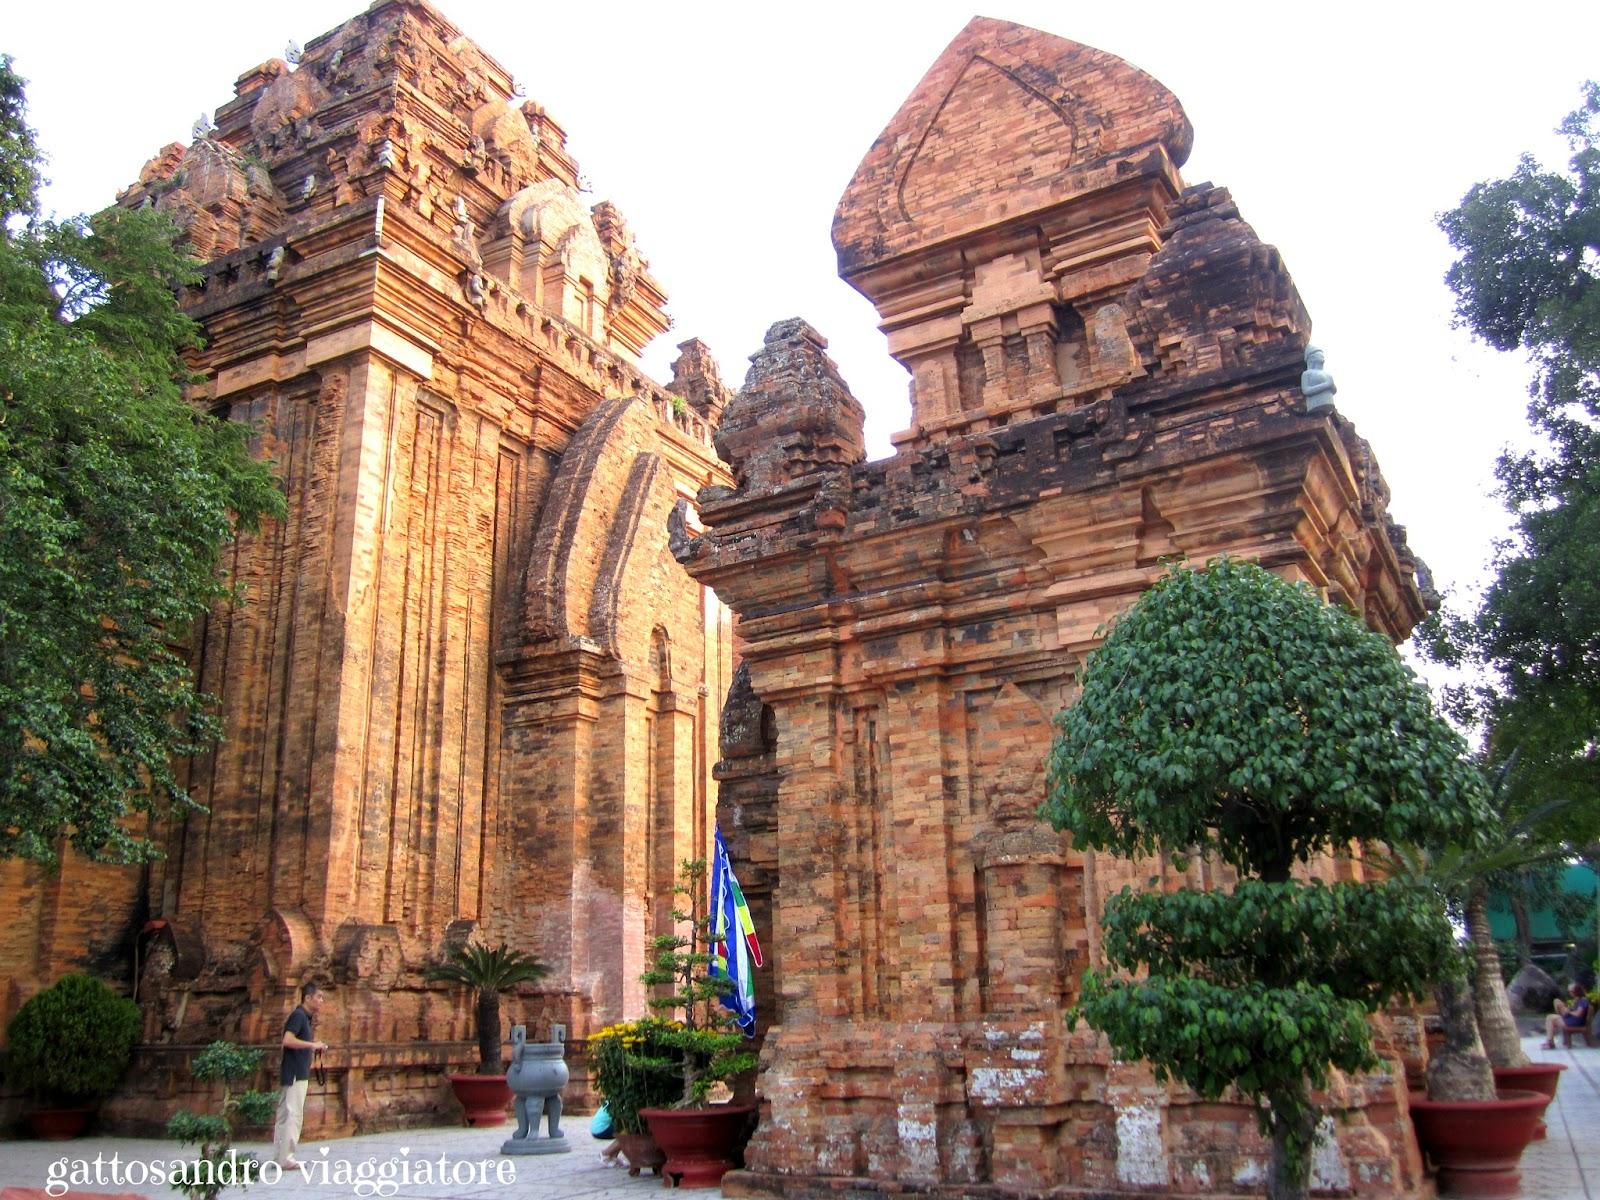 Po Nagar Nha Trang